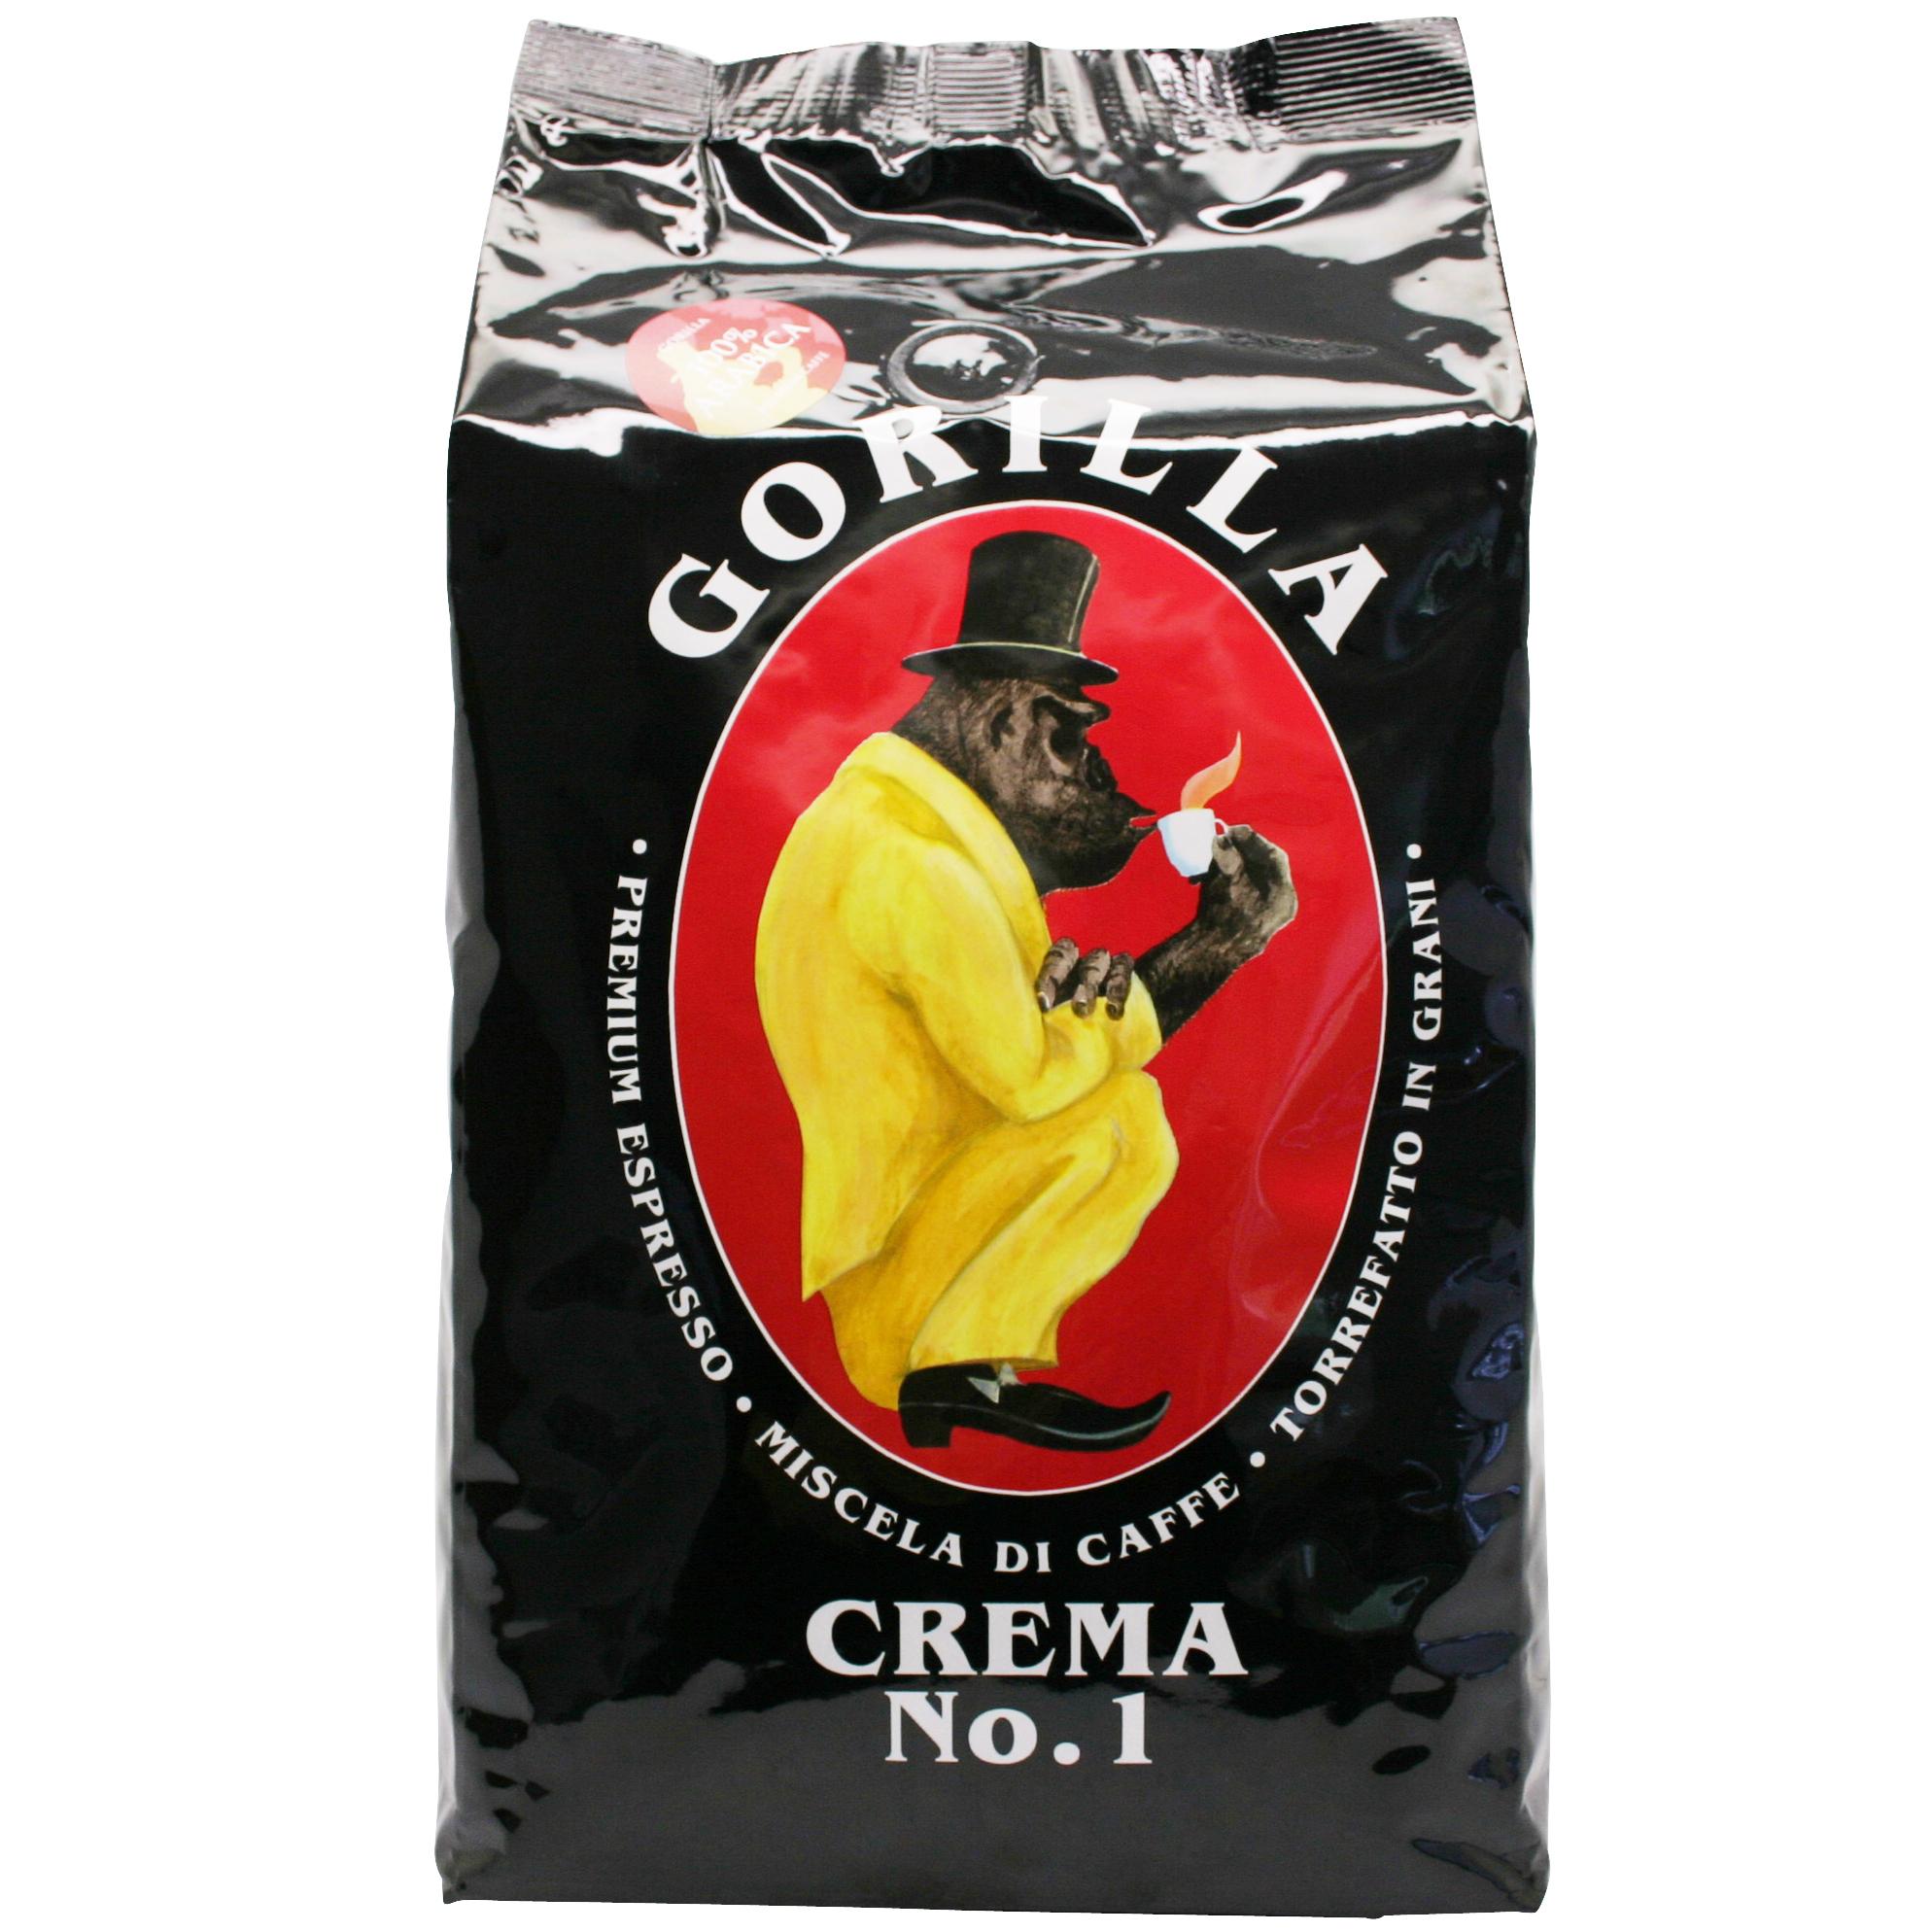 gorilla crema no. 1 2